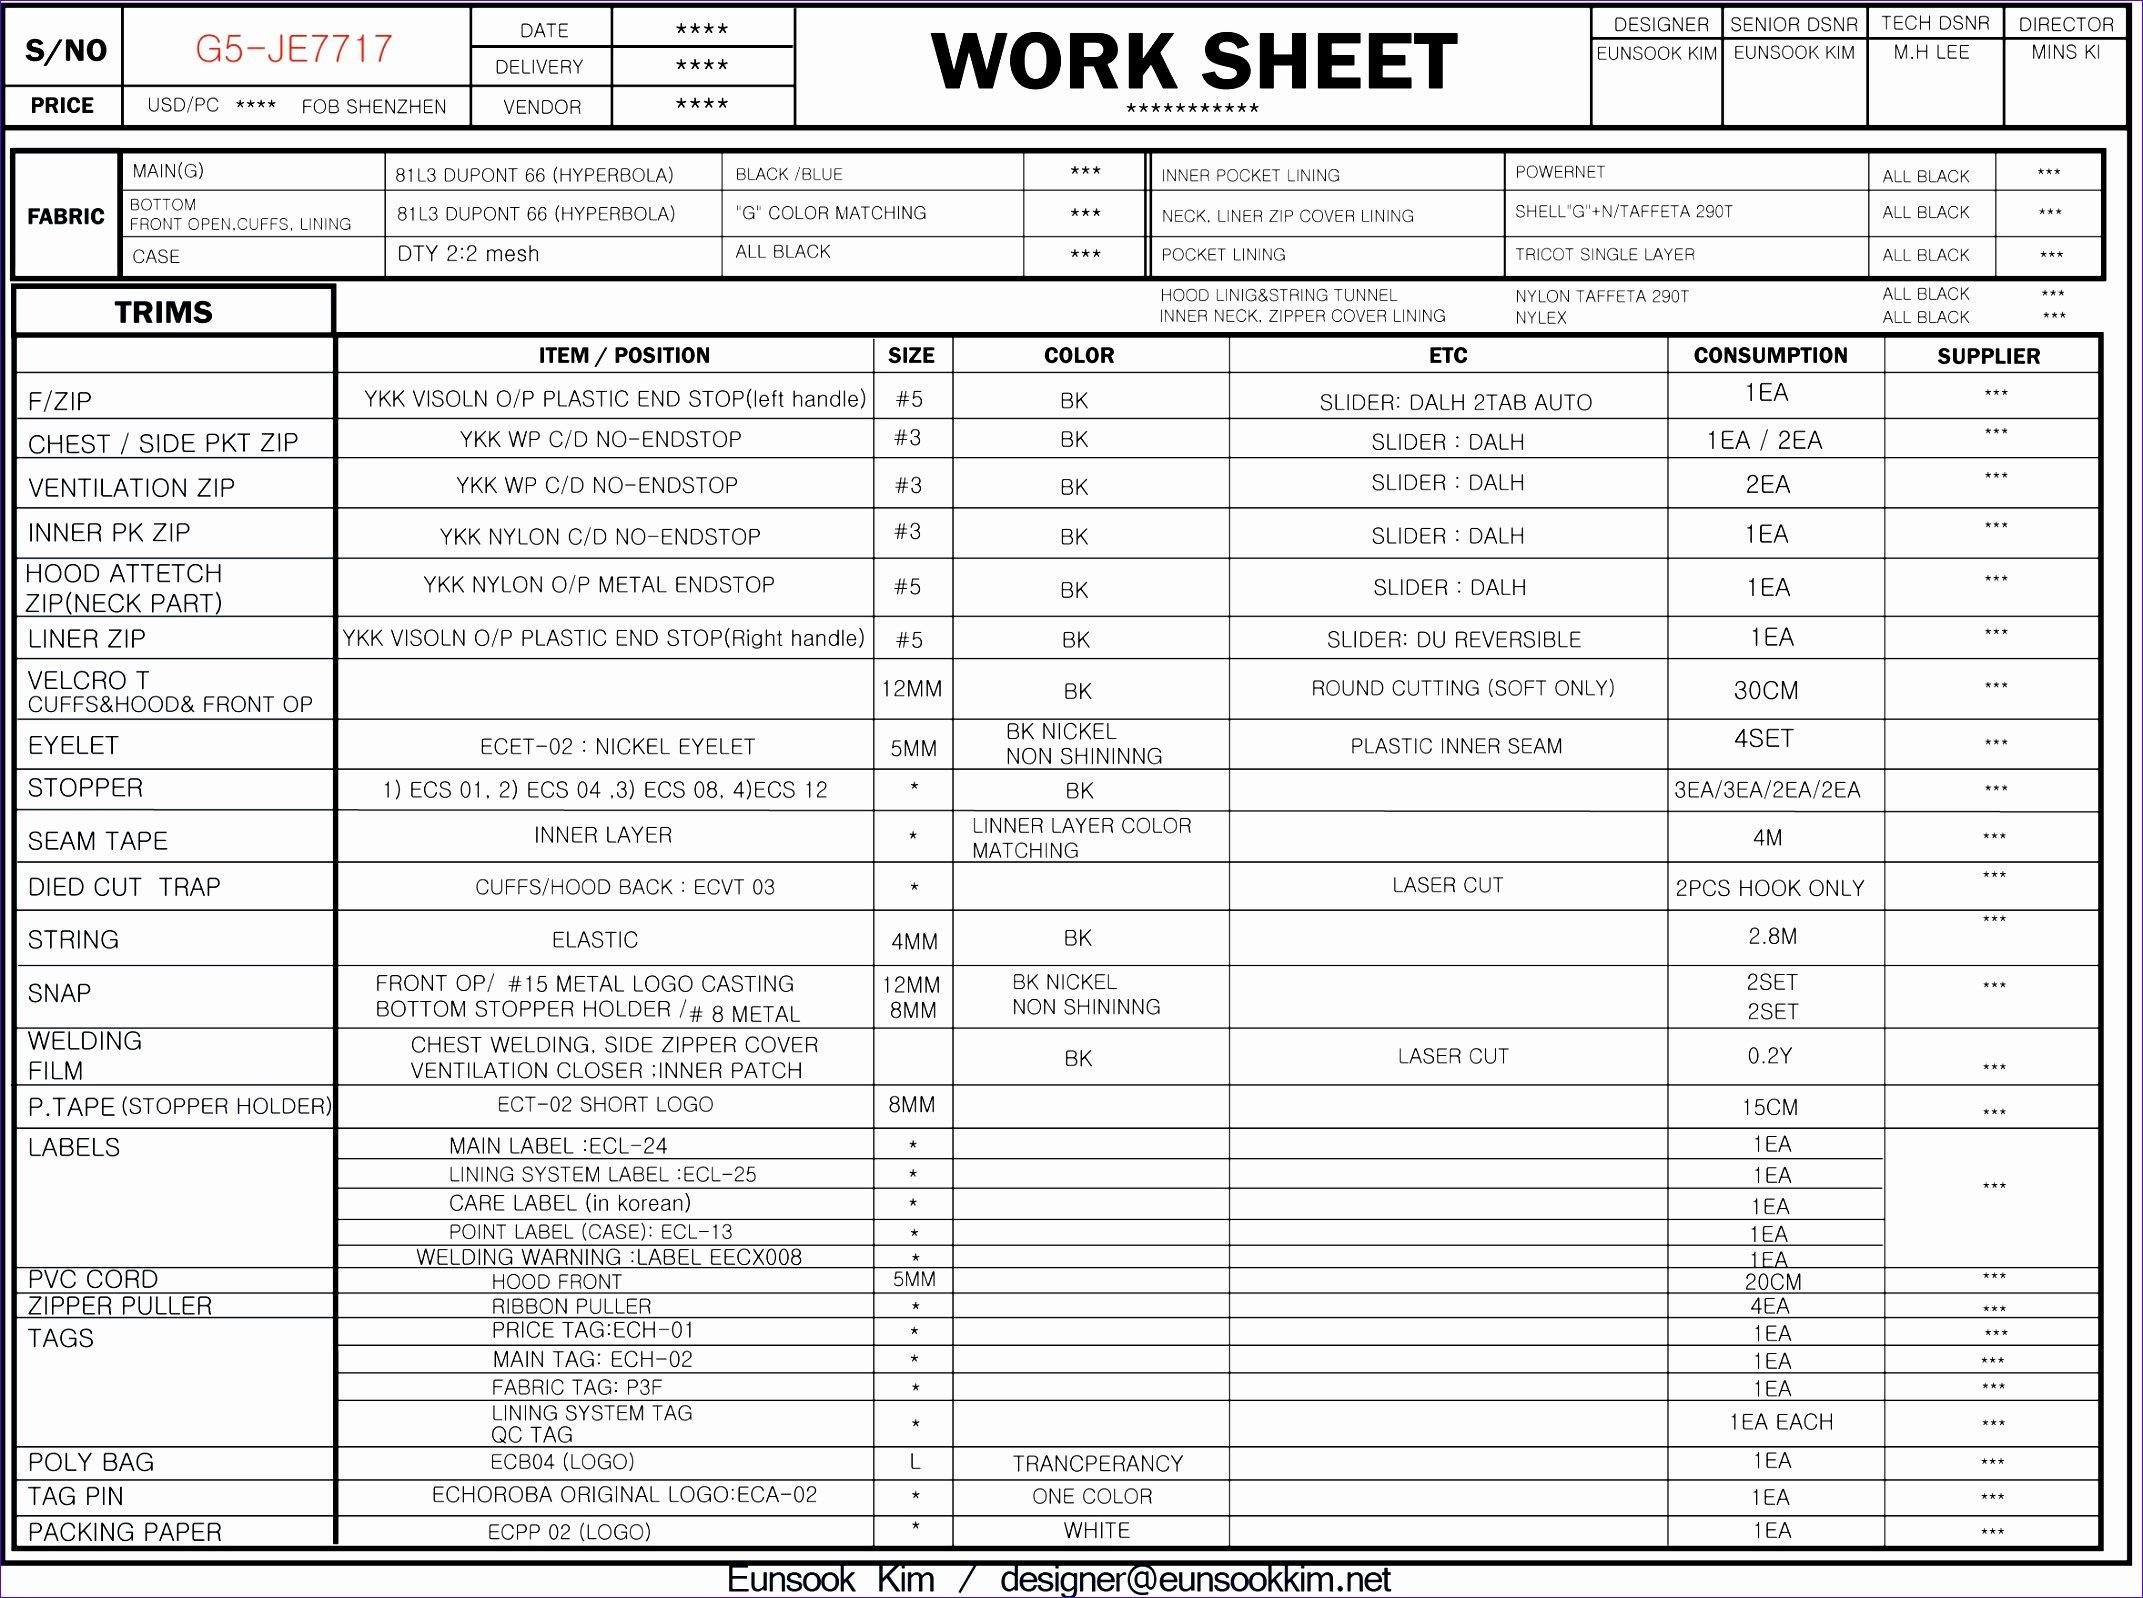 Quality Control Plan Template Excel Unique Quality Control Plan Template Excel Afxd3 Elegant Free